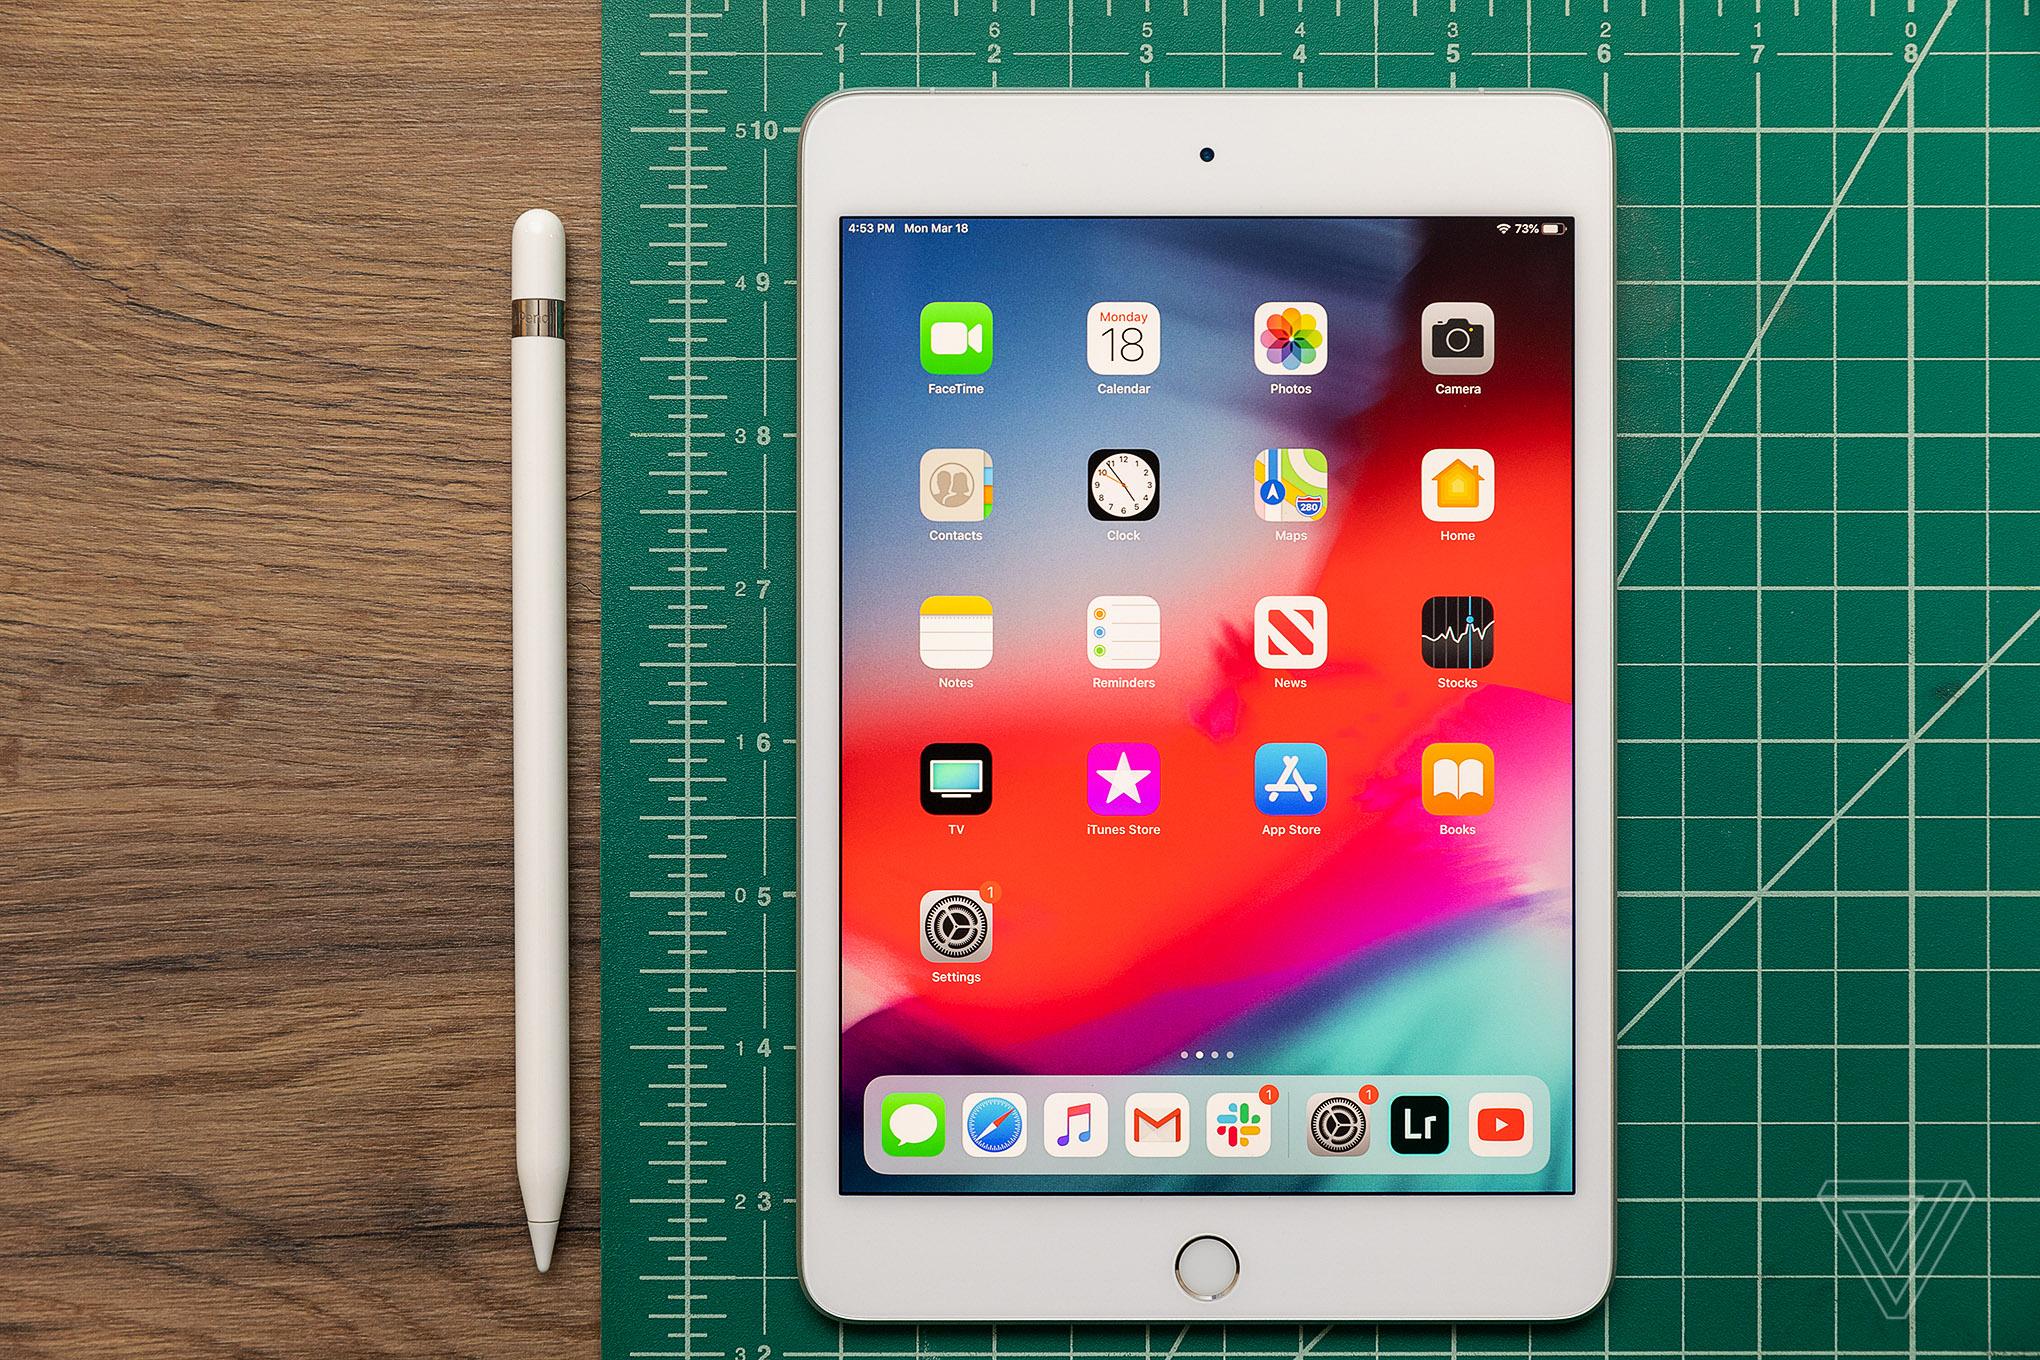 How to choose between iPad, iPad mini, iPad Air, and iPad Pro - The